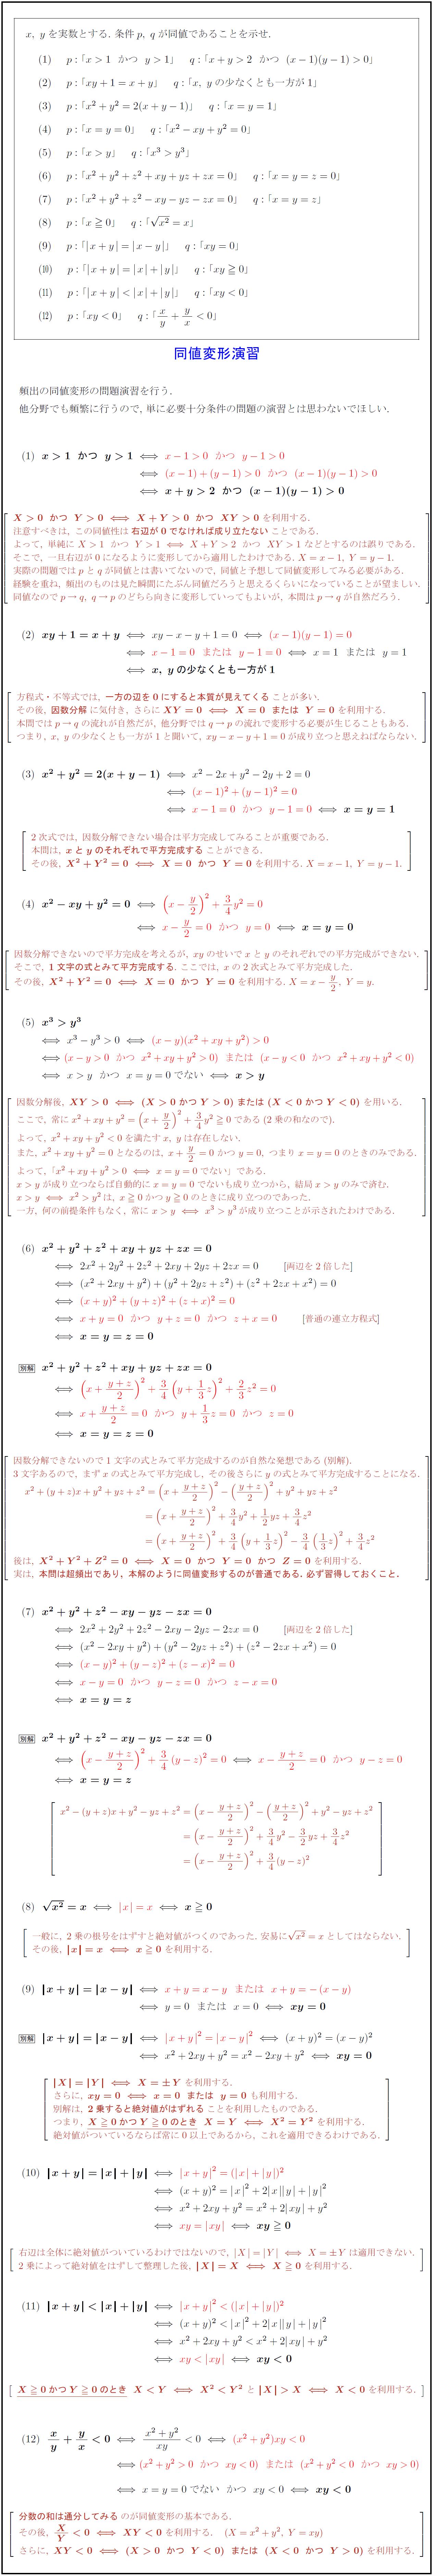 高校数学Ⅰ】超頻出!同値変形演習12題 | 受験の月